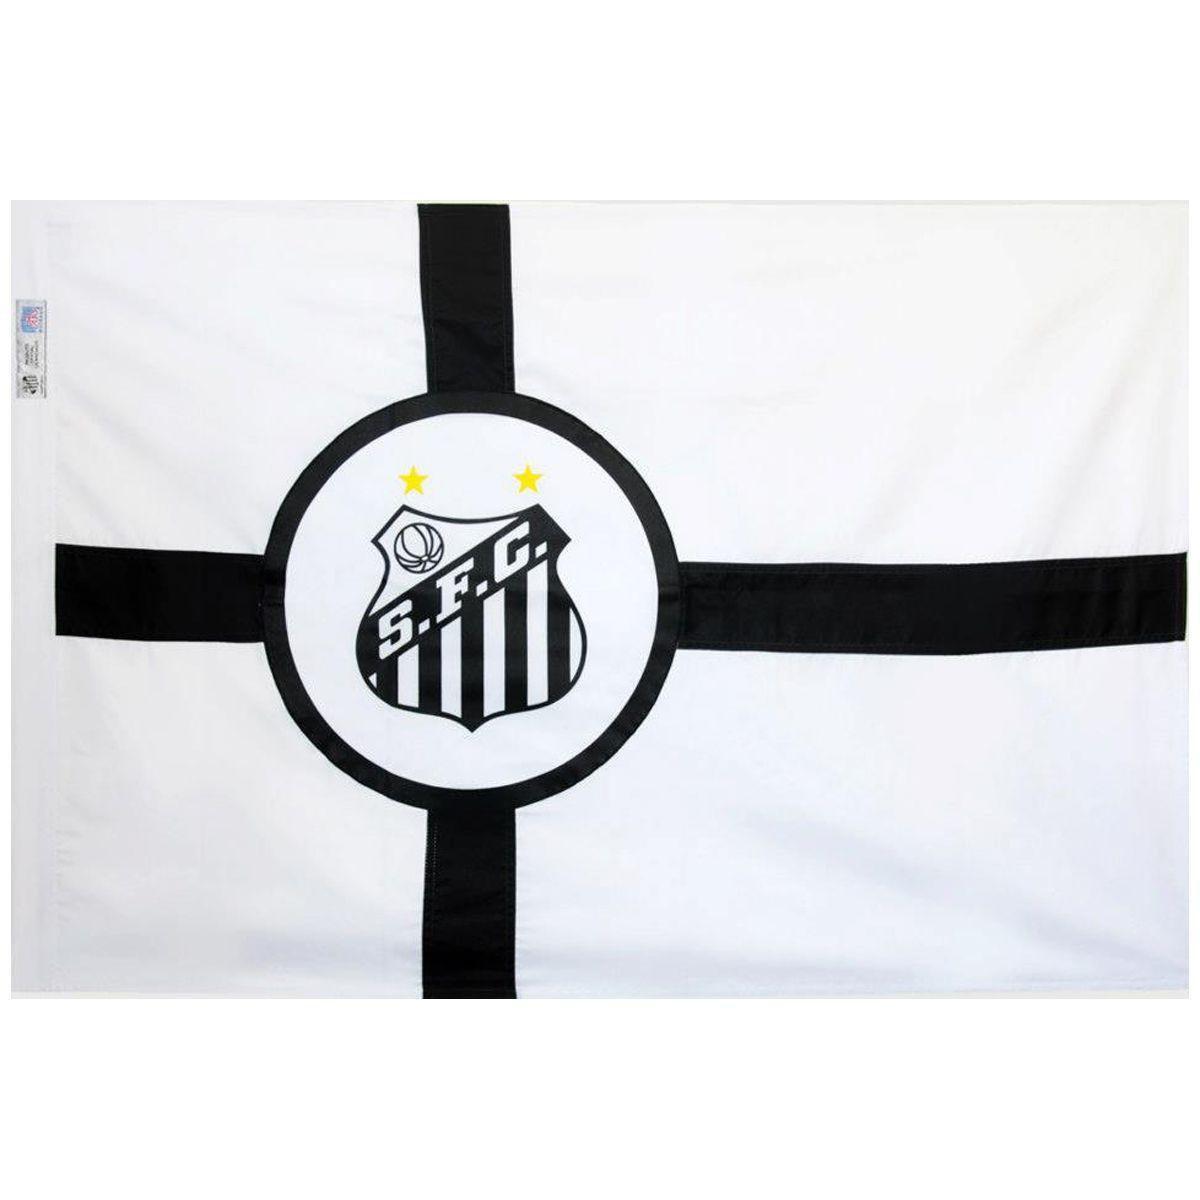 Bandeira Oficial do Santos 96 x 68 cm - 1 1/2 Pano